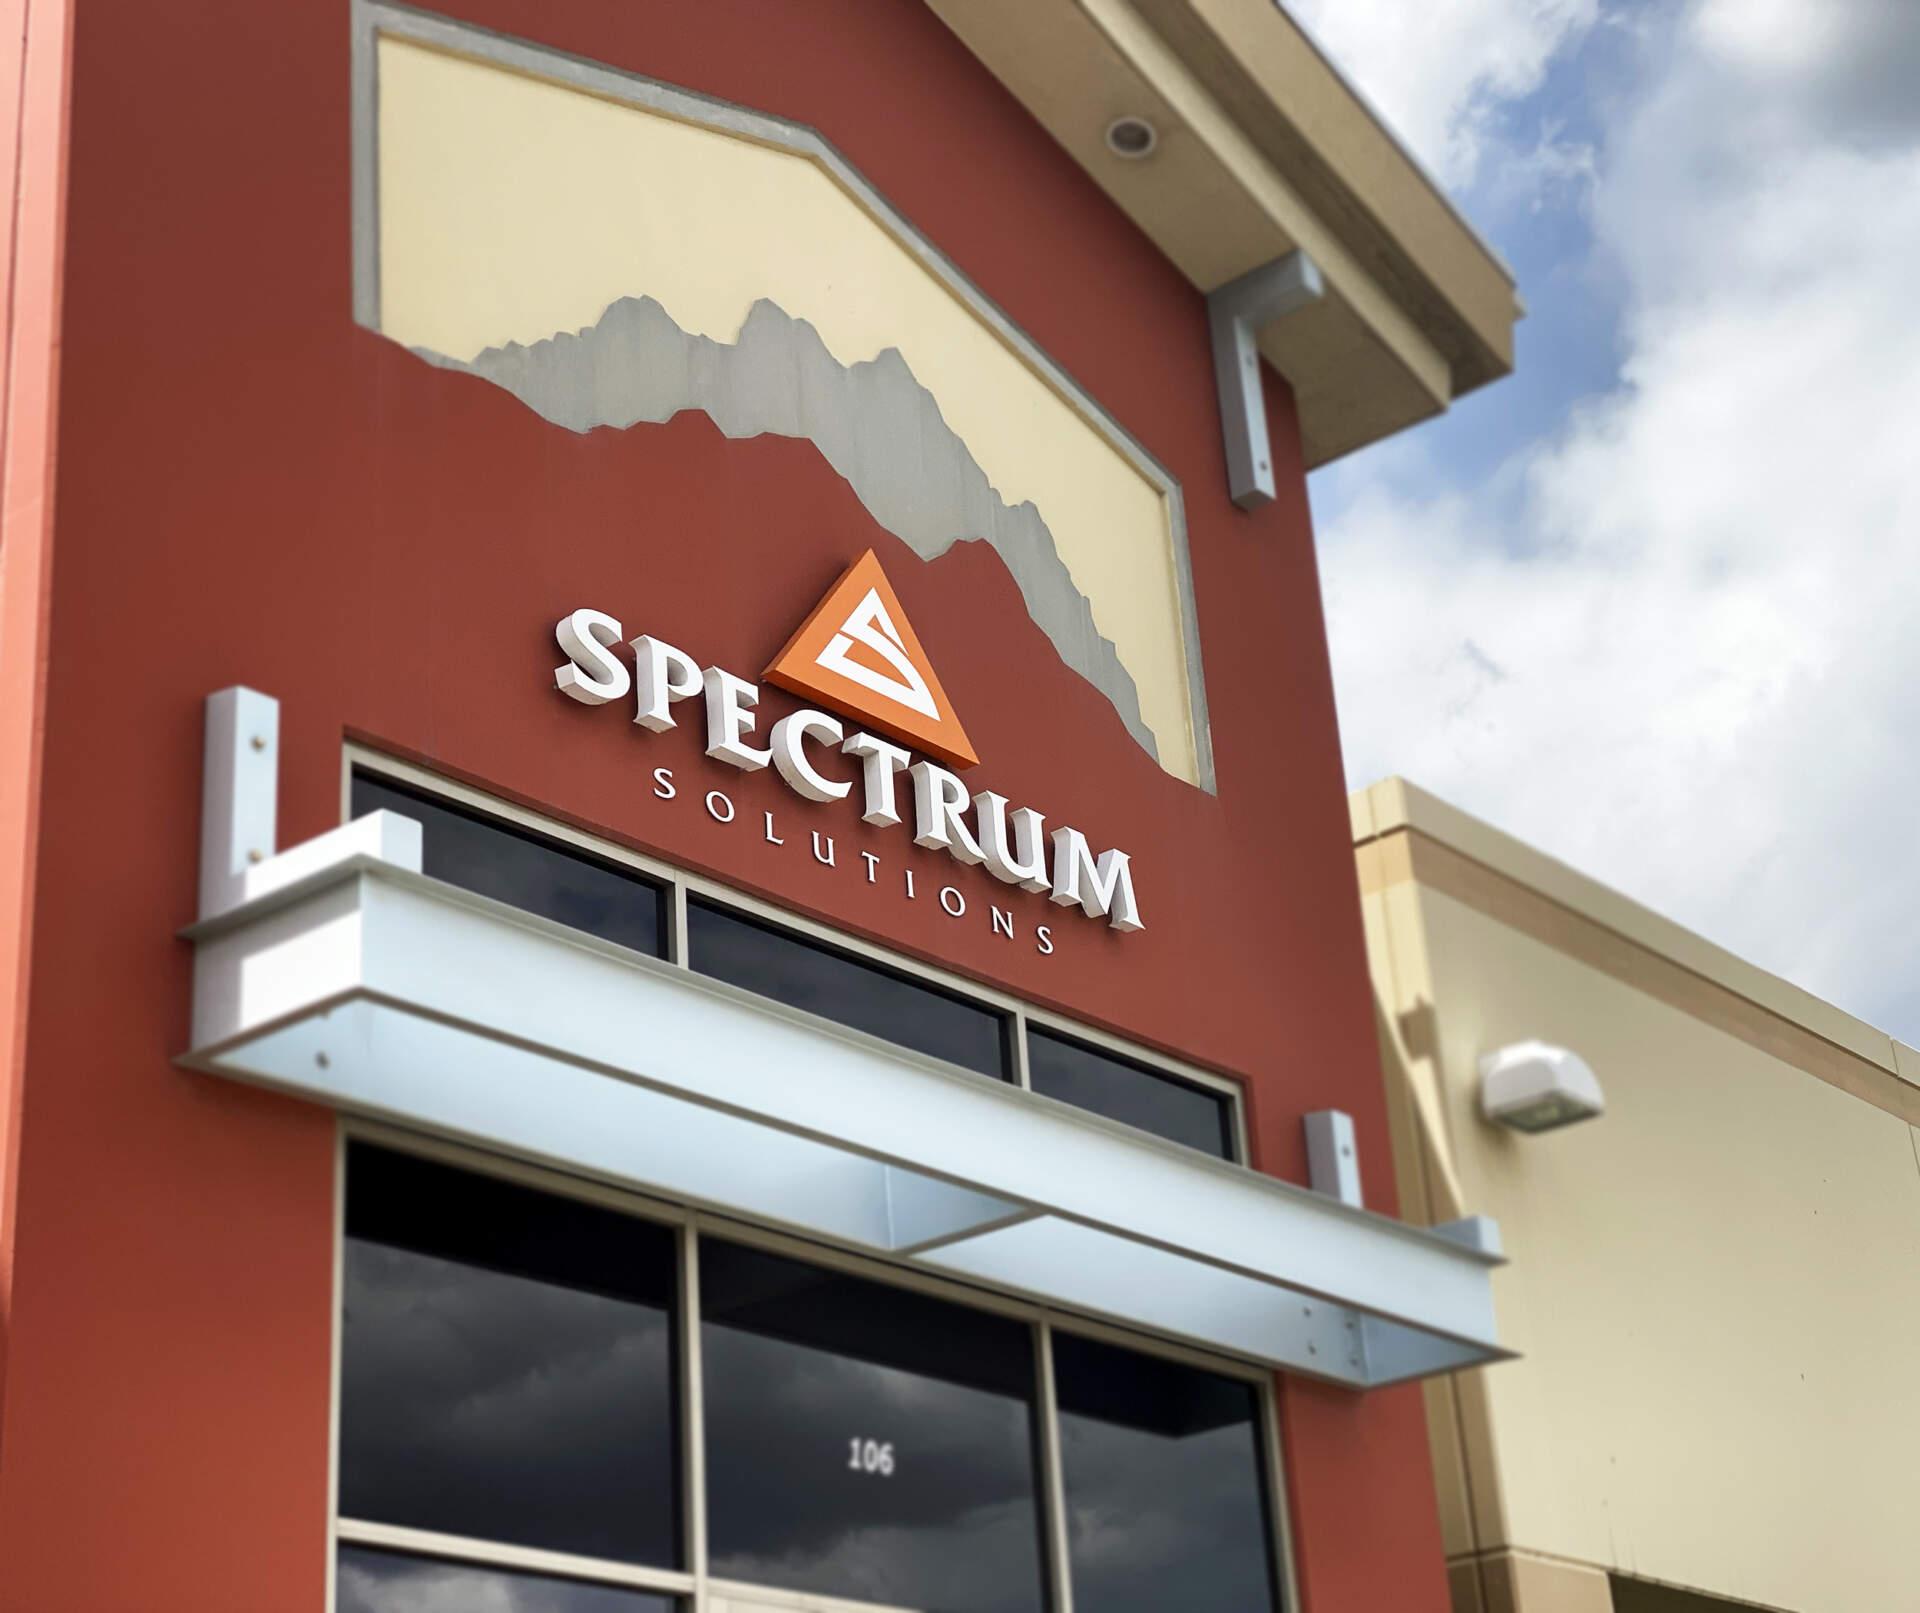 Tour the Spectrum Campus